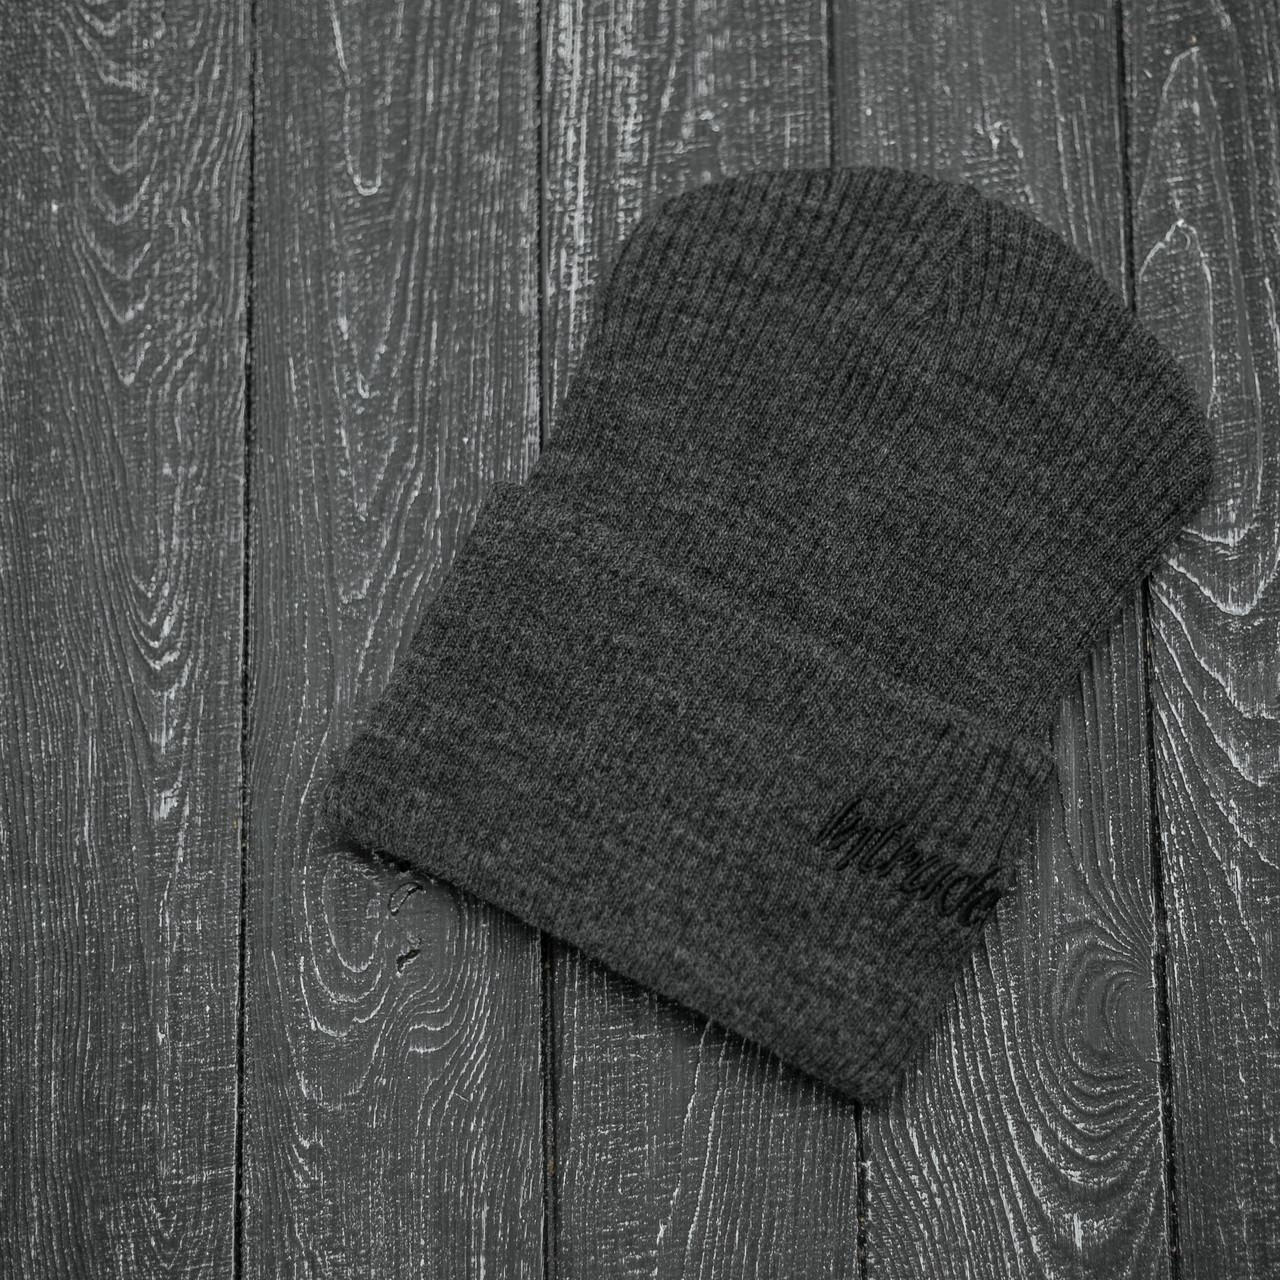 Мужская   Женская шапка Intruder серая, зимняя small logo